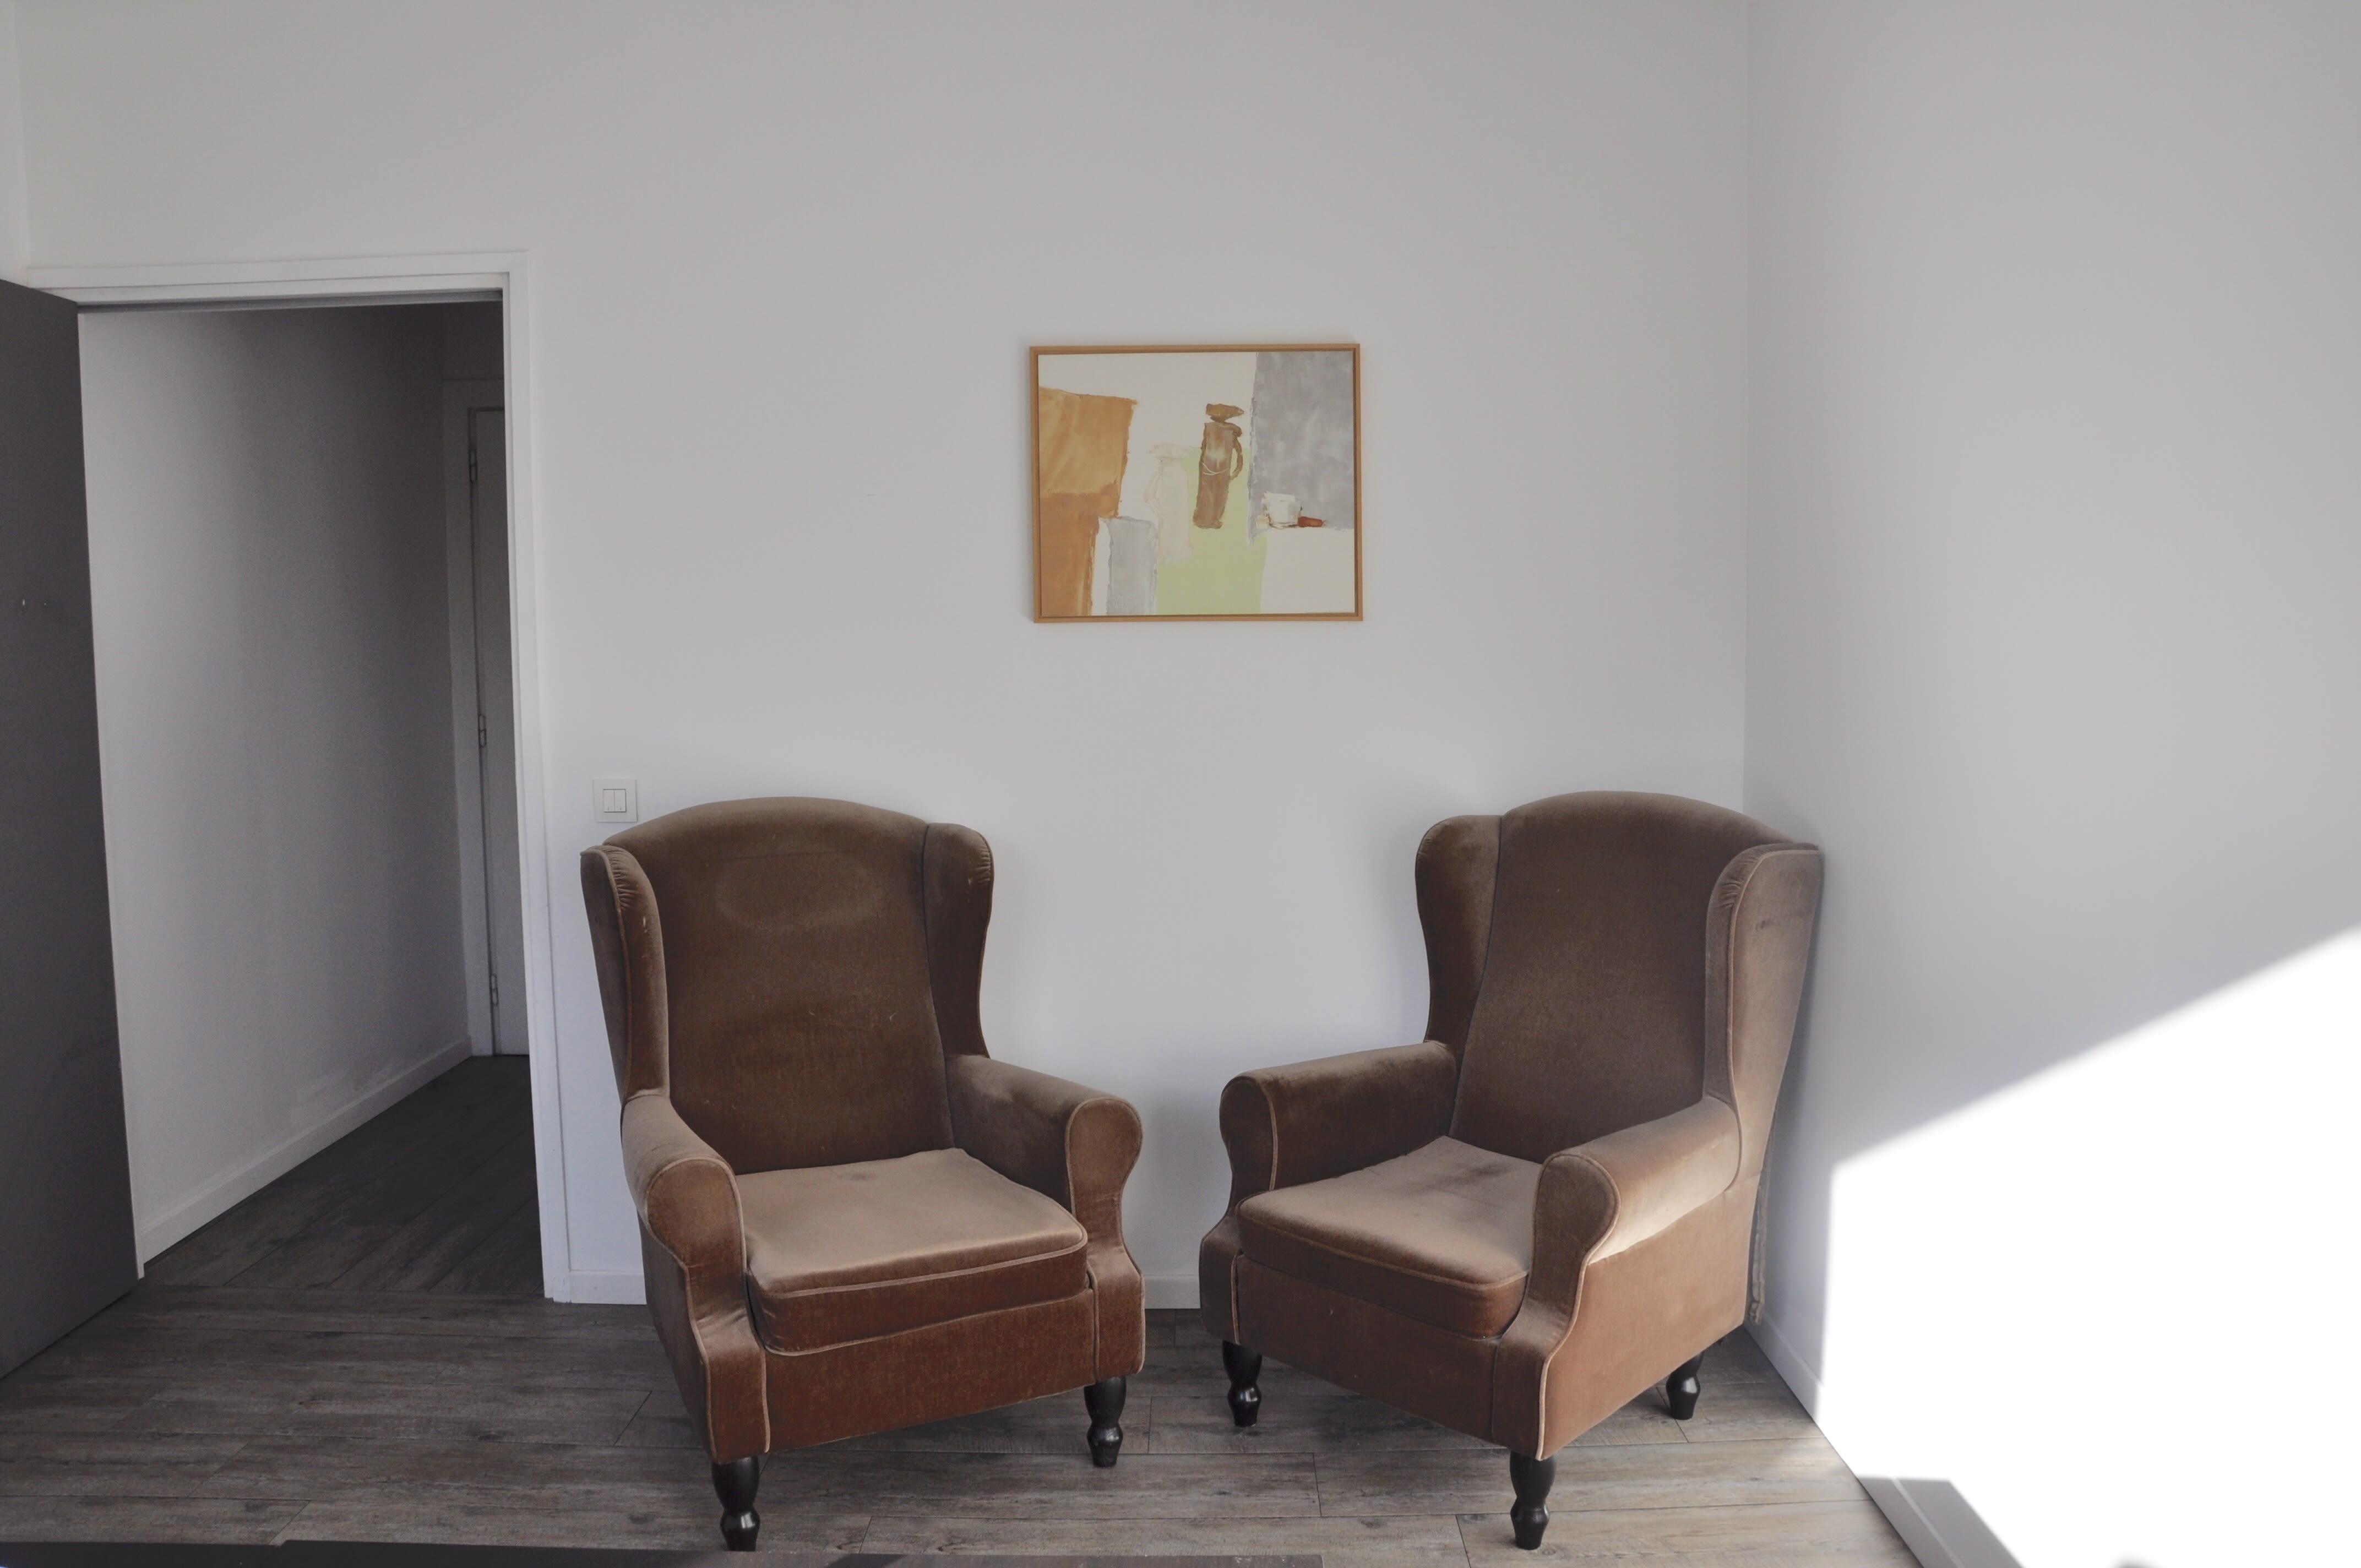 bureau privatif de 2 personnes à Roubaix